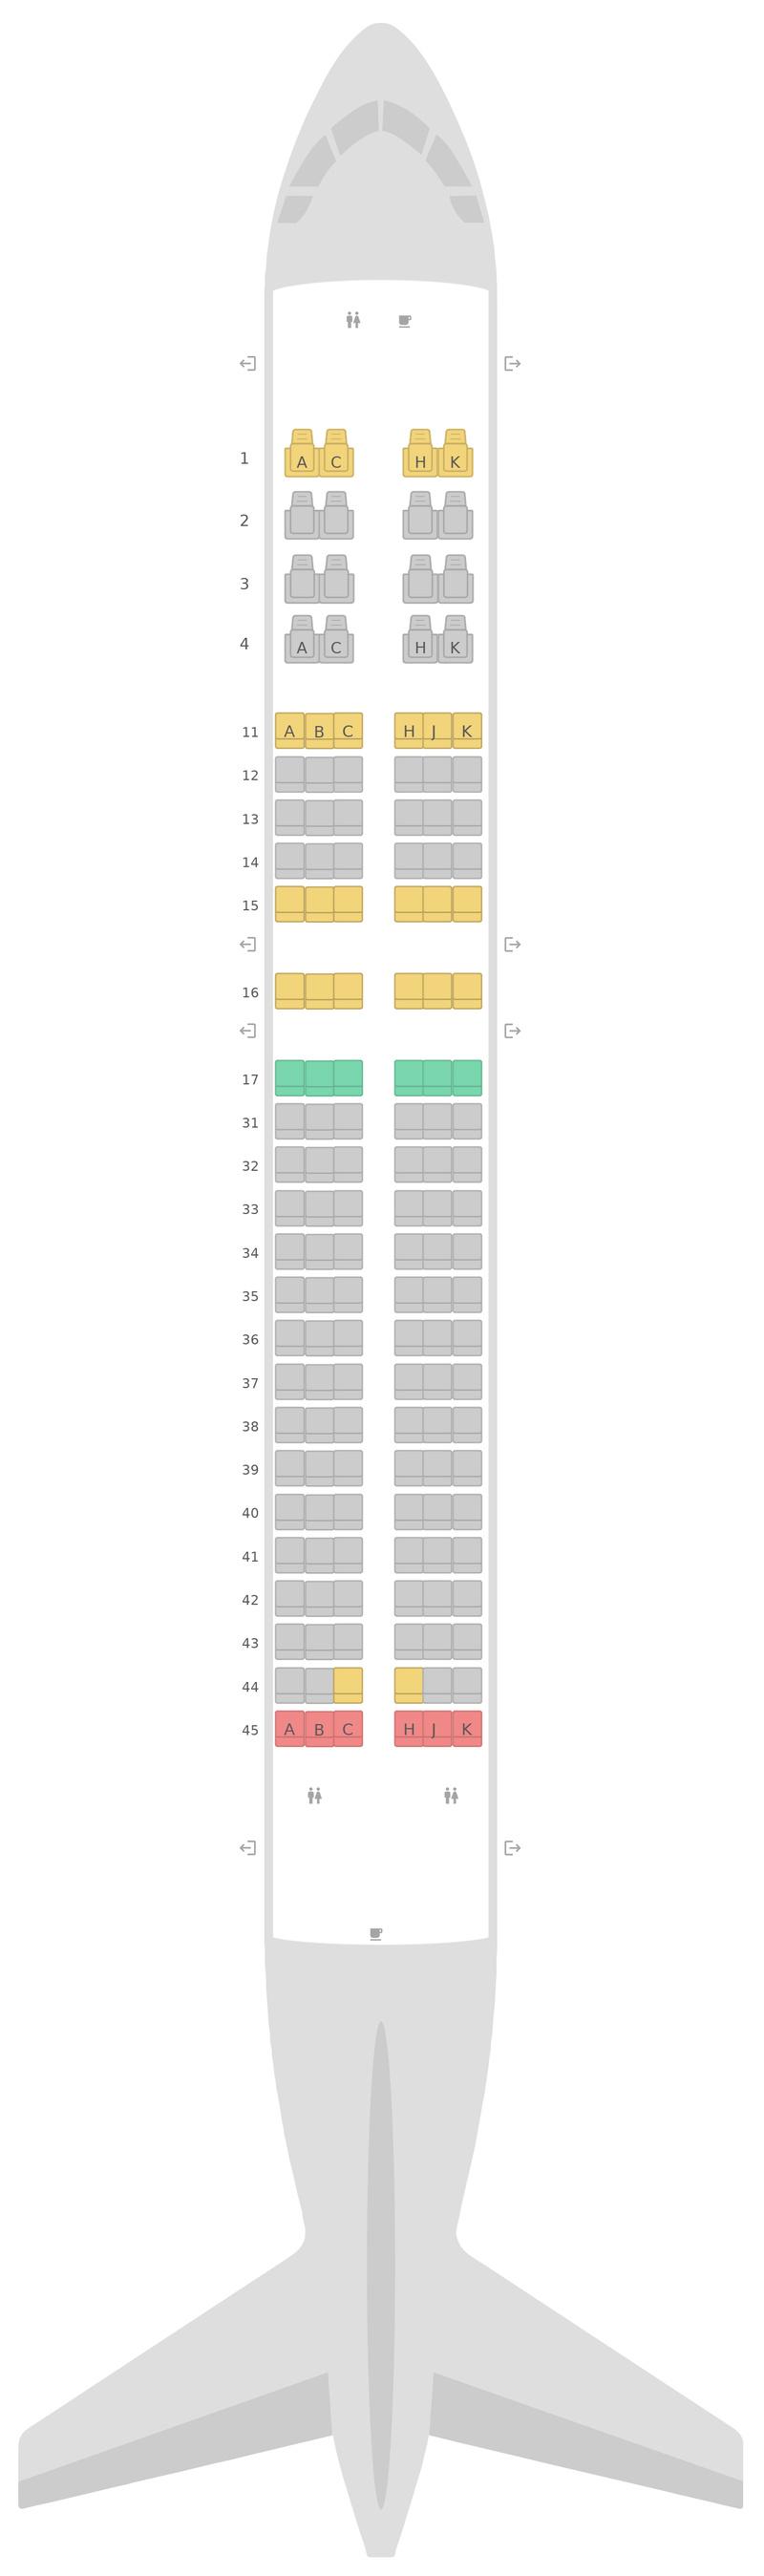 Sitzplan Airbus A320 Air Astana